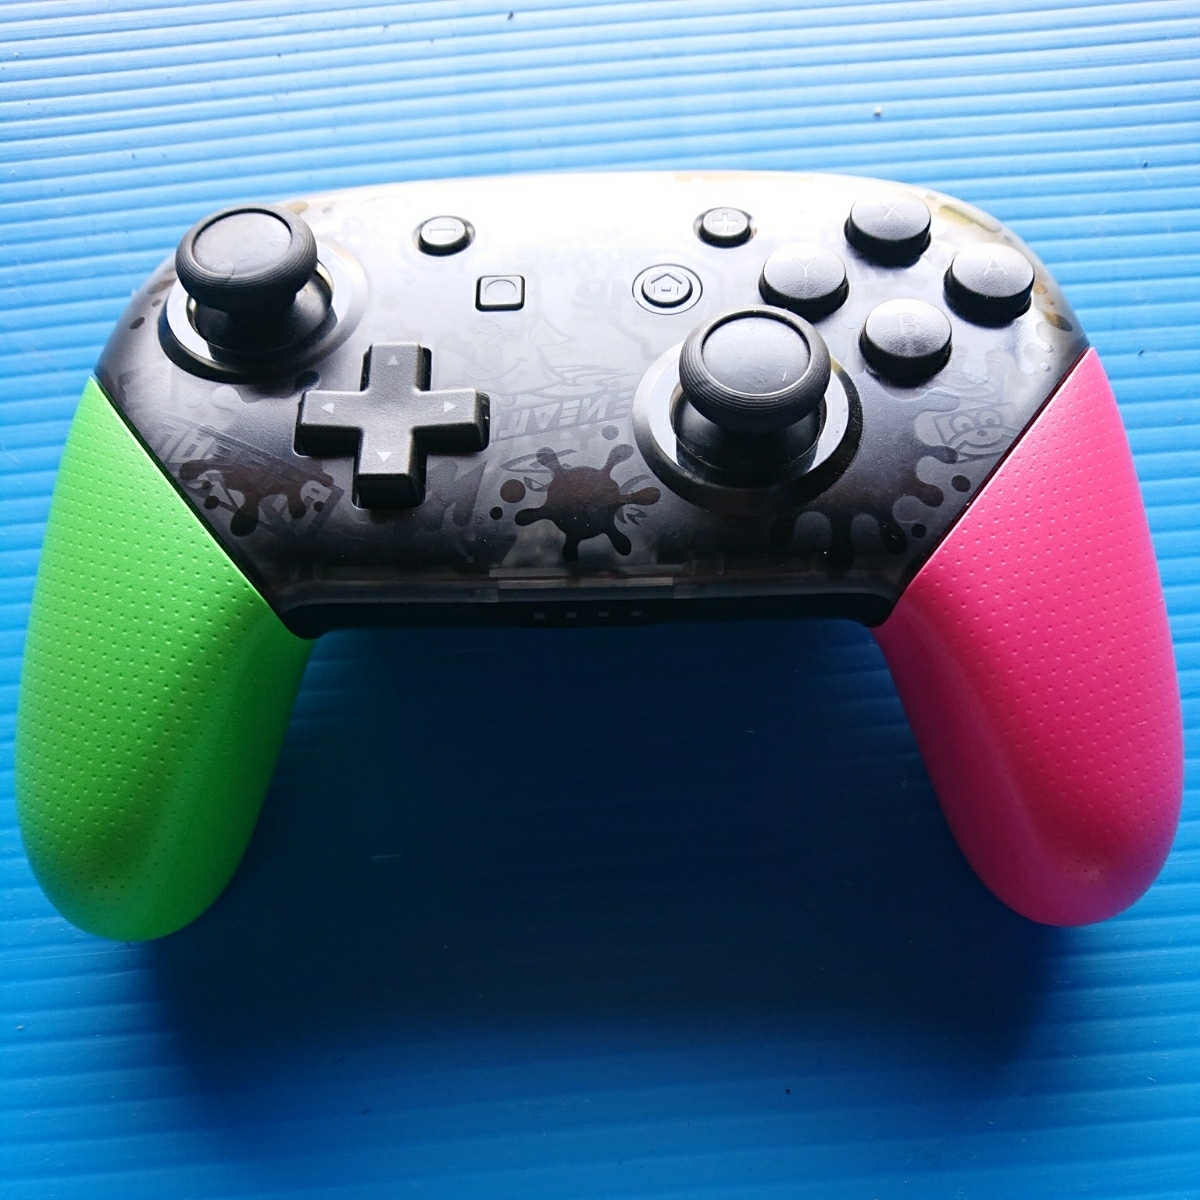 【動作未確認・ジャンク扱い】switch スイッチ コントローラー Nintendo Proコントローラー スプラトゥーン2 エディション 任天堂 純正